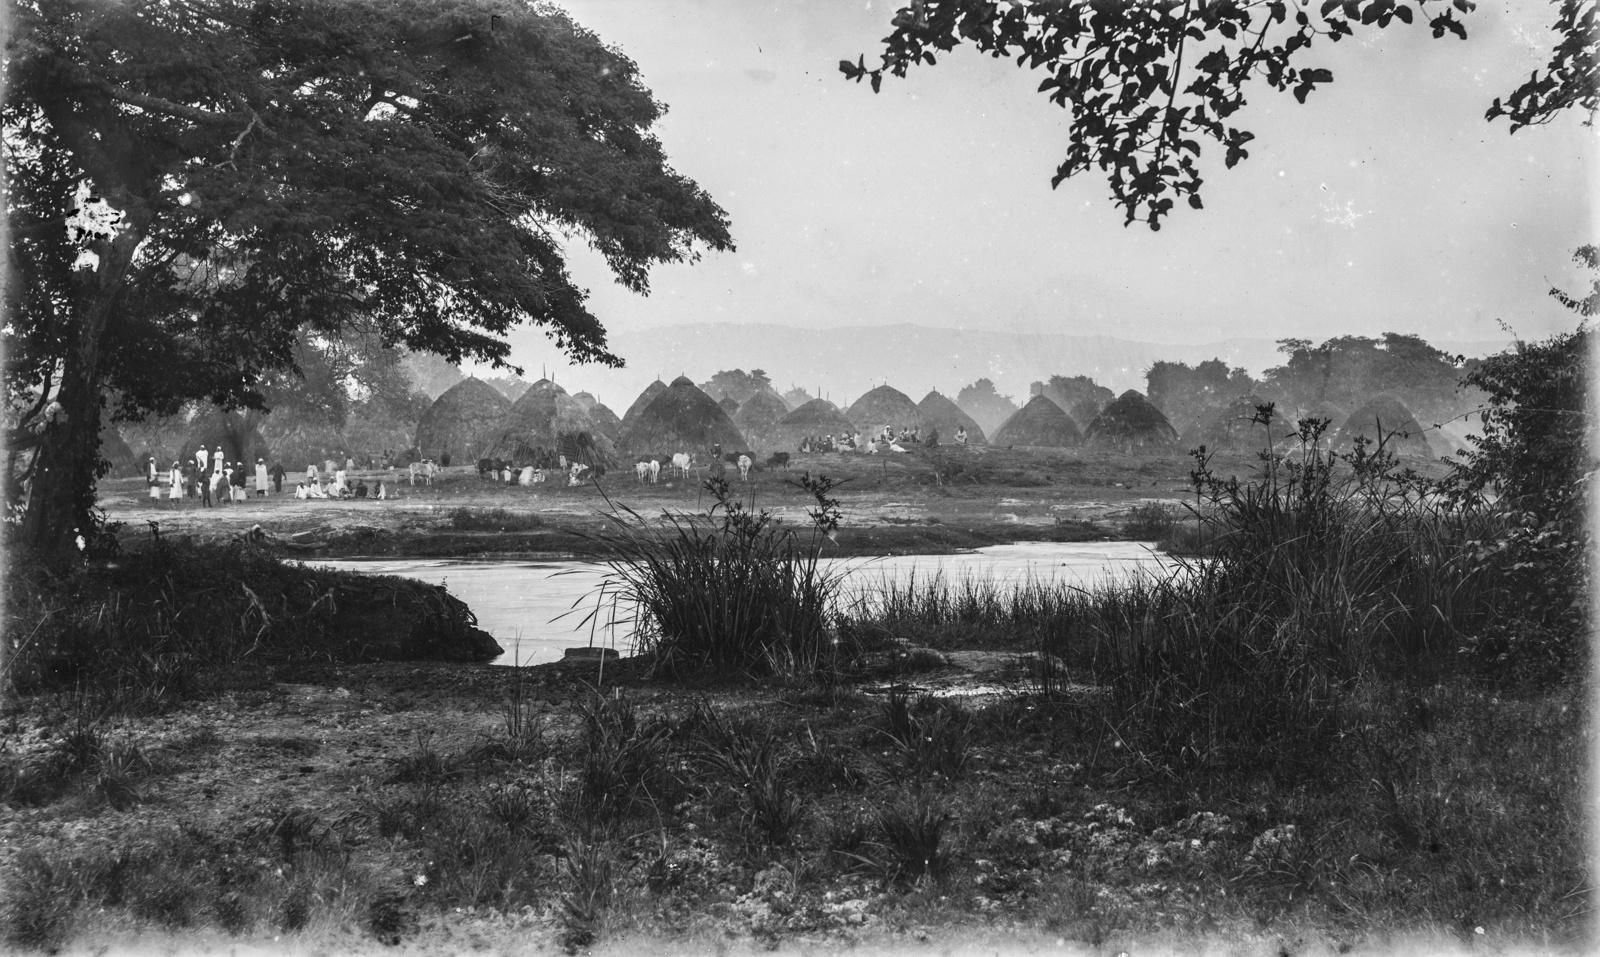 41. Соломенные хижины и жители деревни Корогве на реке Пангани